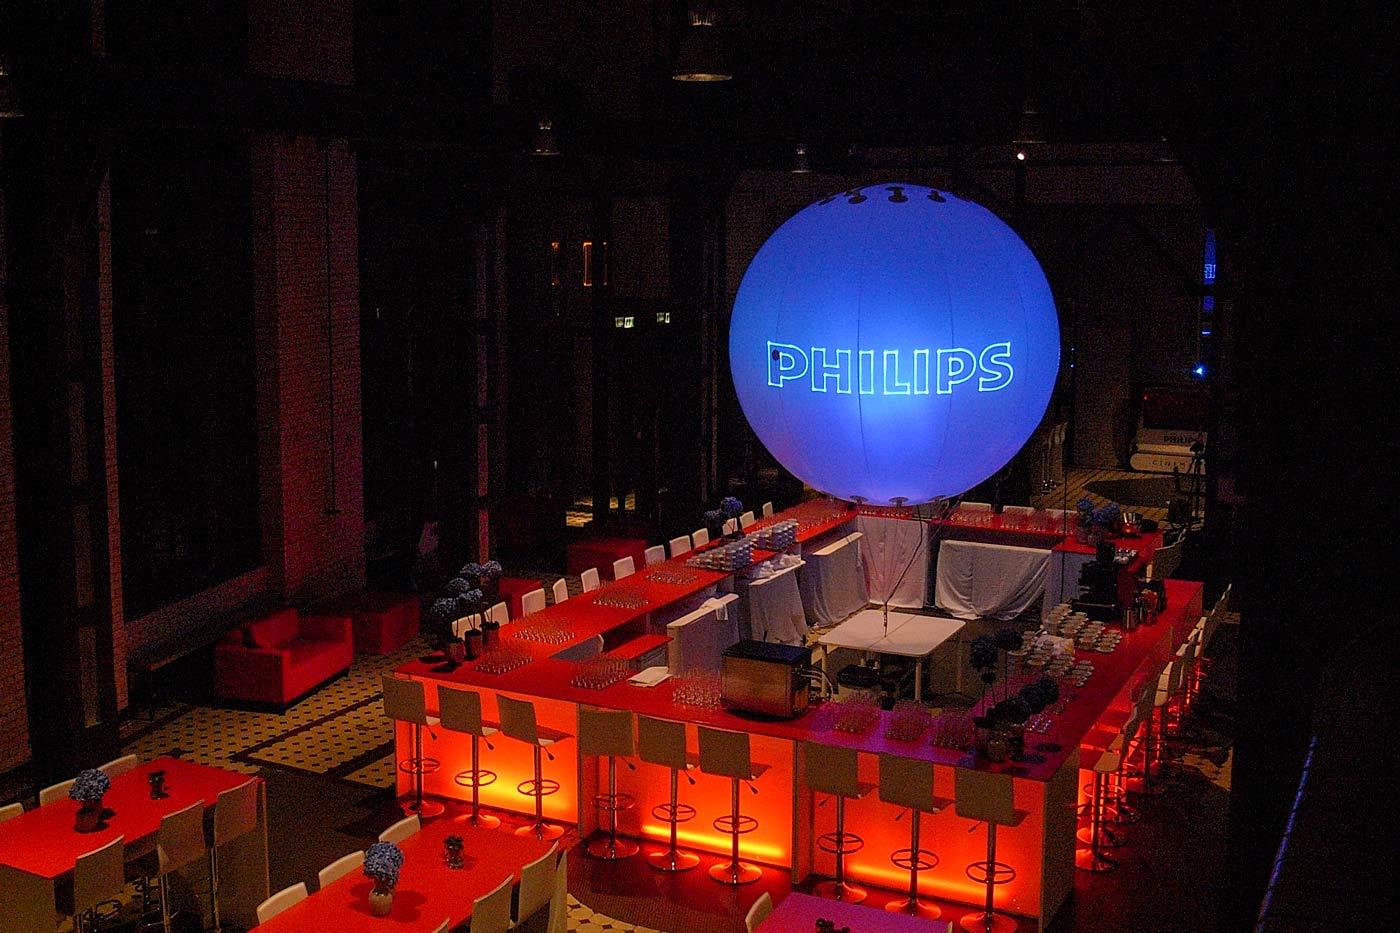 Leuchtballon 350 cm als zentraler Hotspot